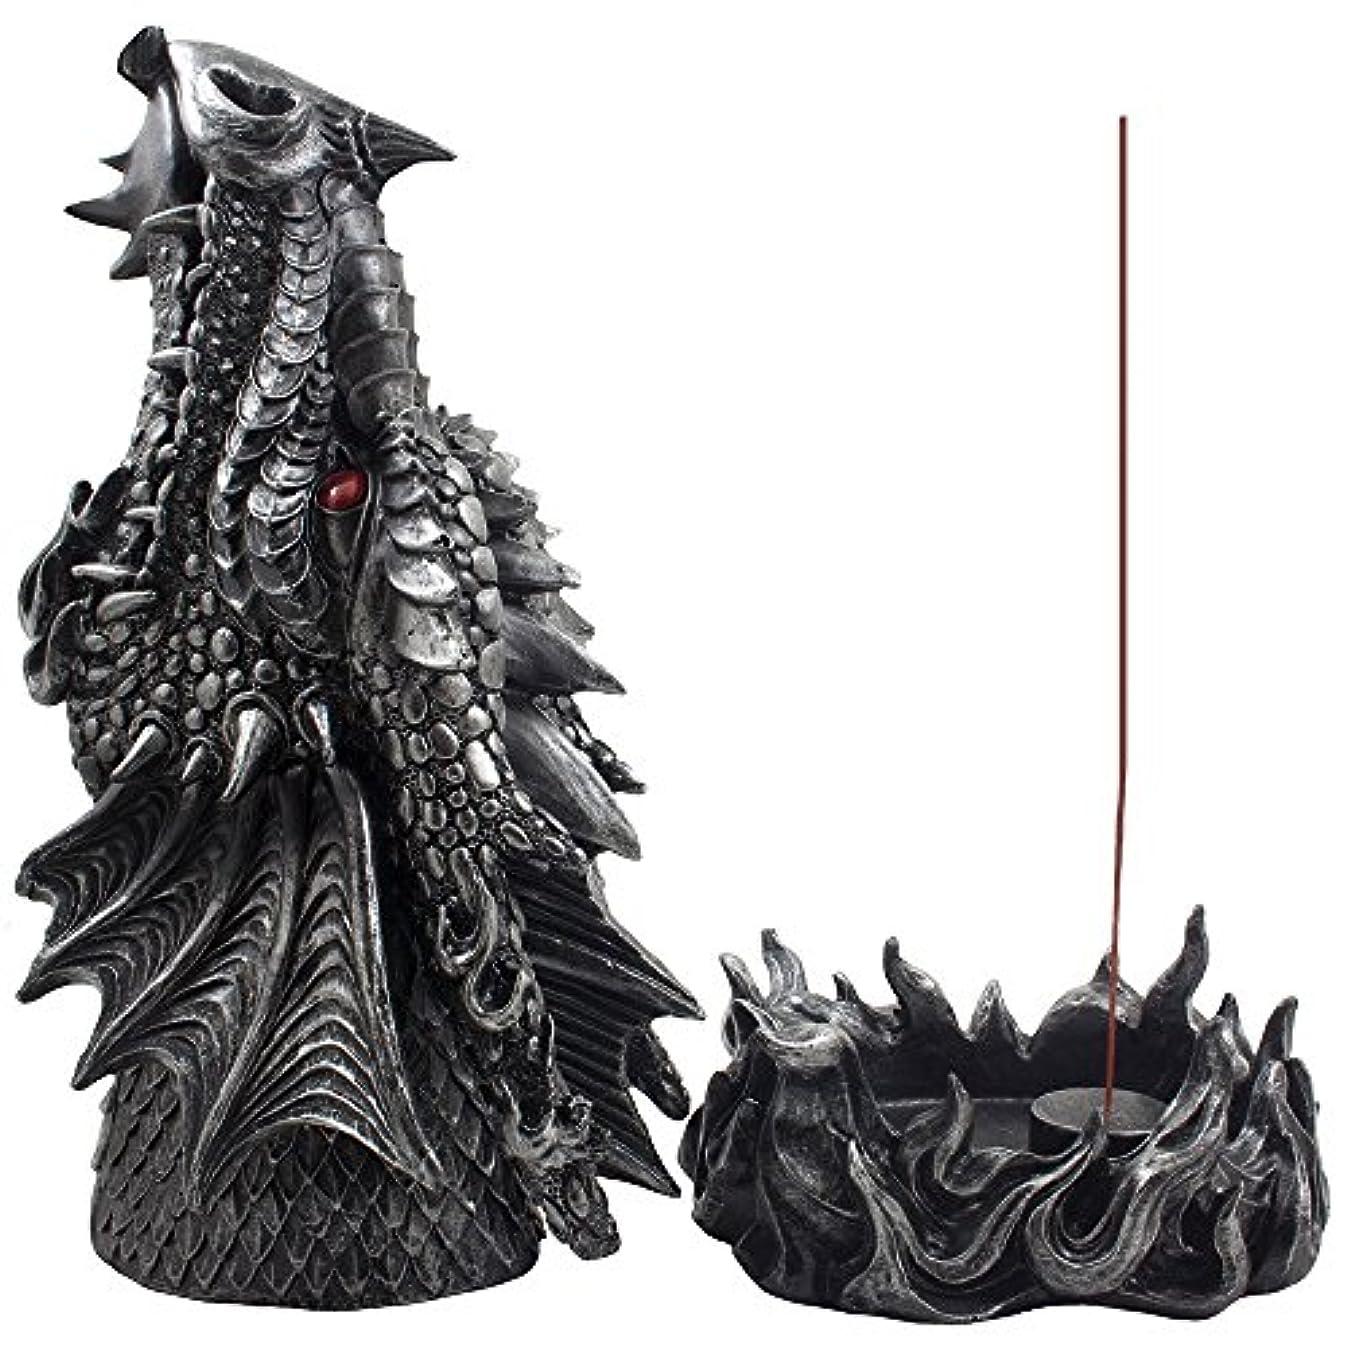 キリンプーノエンドテーブルMythical Fire Breathing Dragon Incense Holder & Burner Combo Statue for Sticks or Cones with Decorative Display...